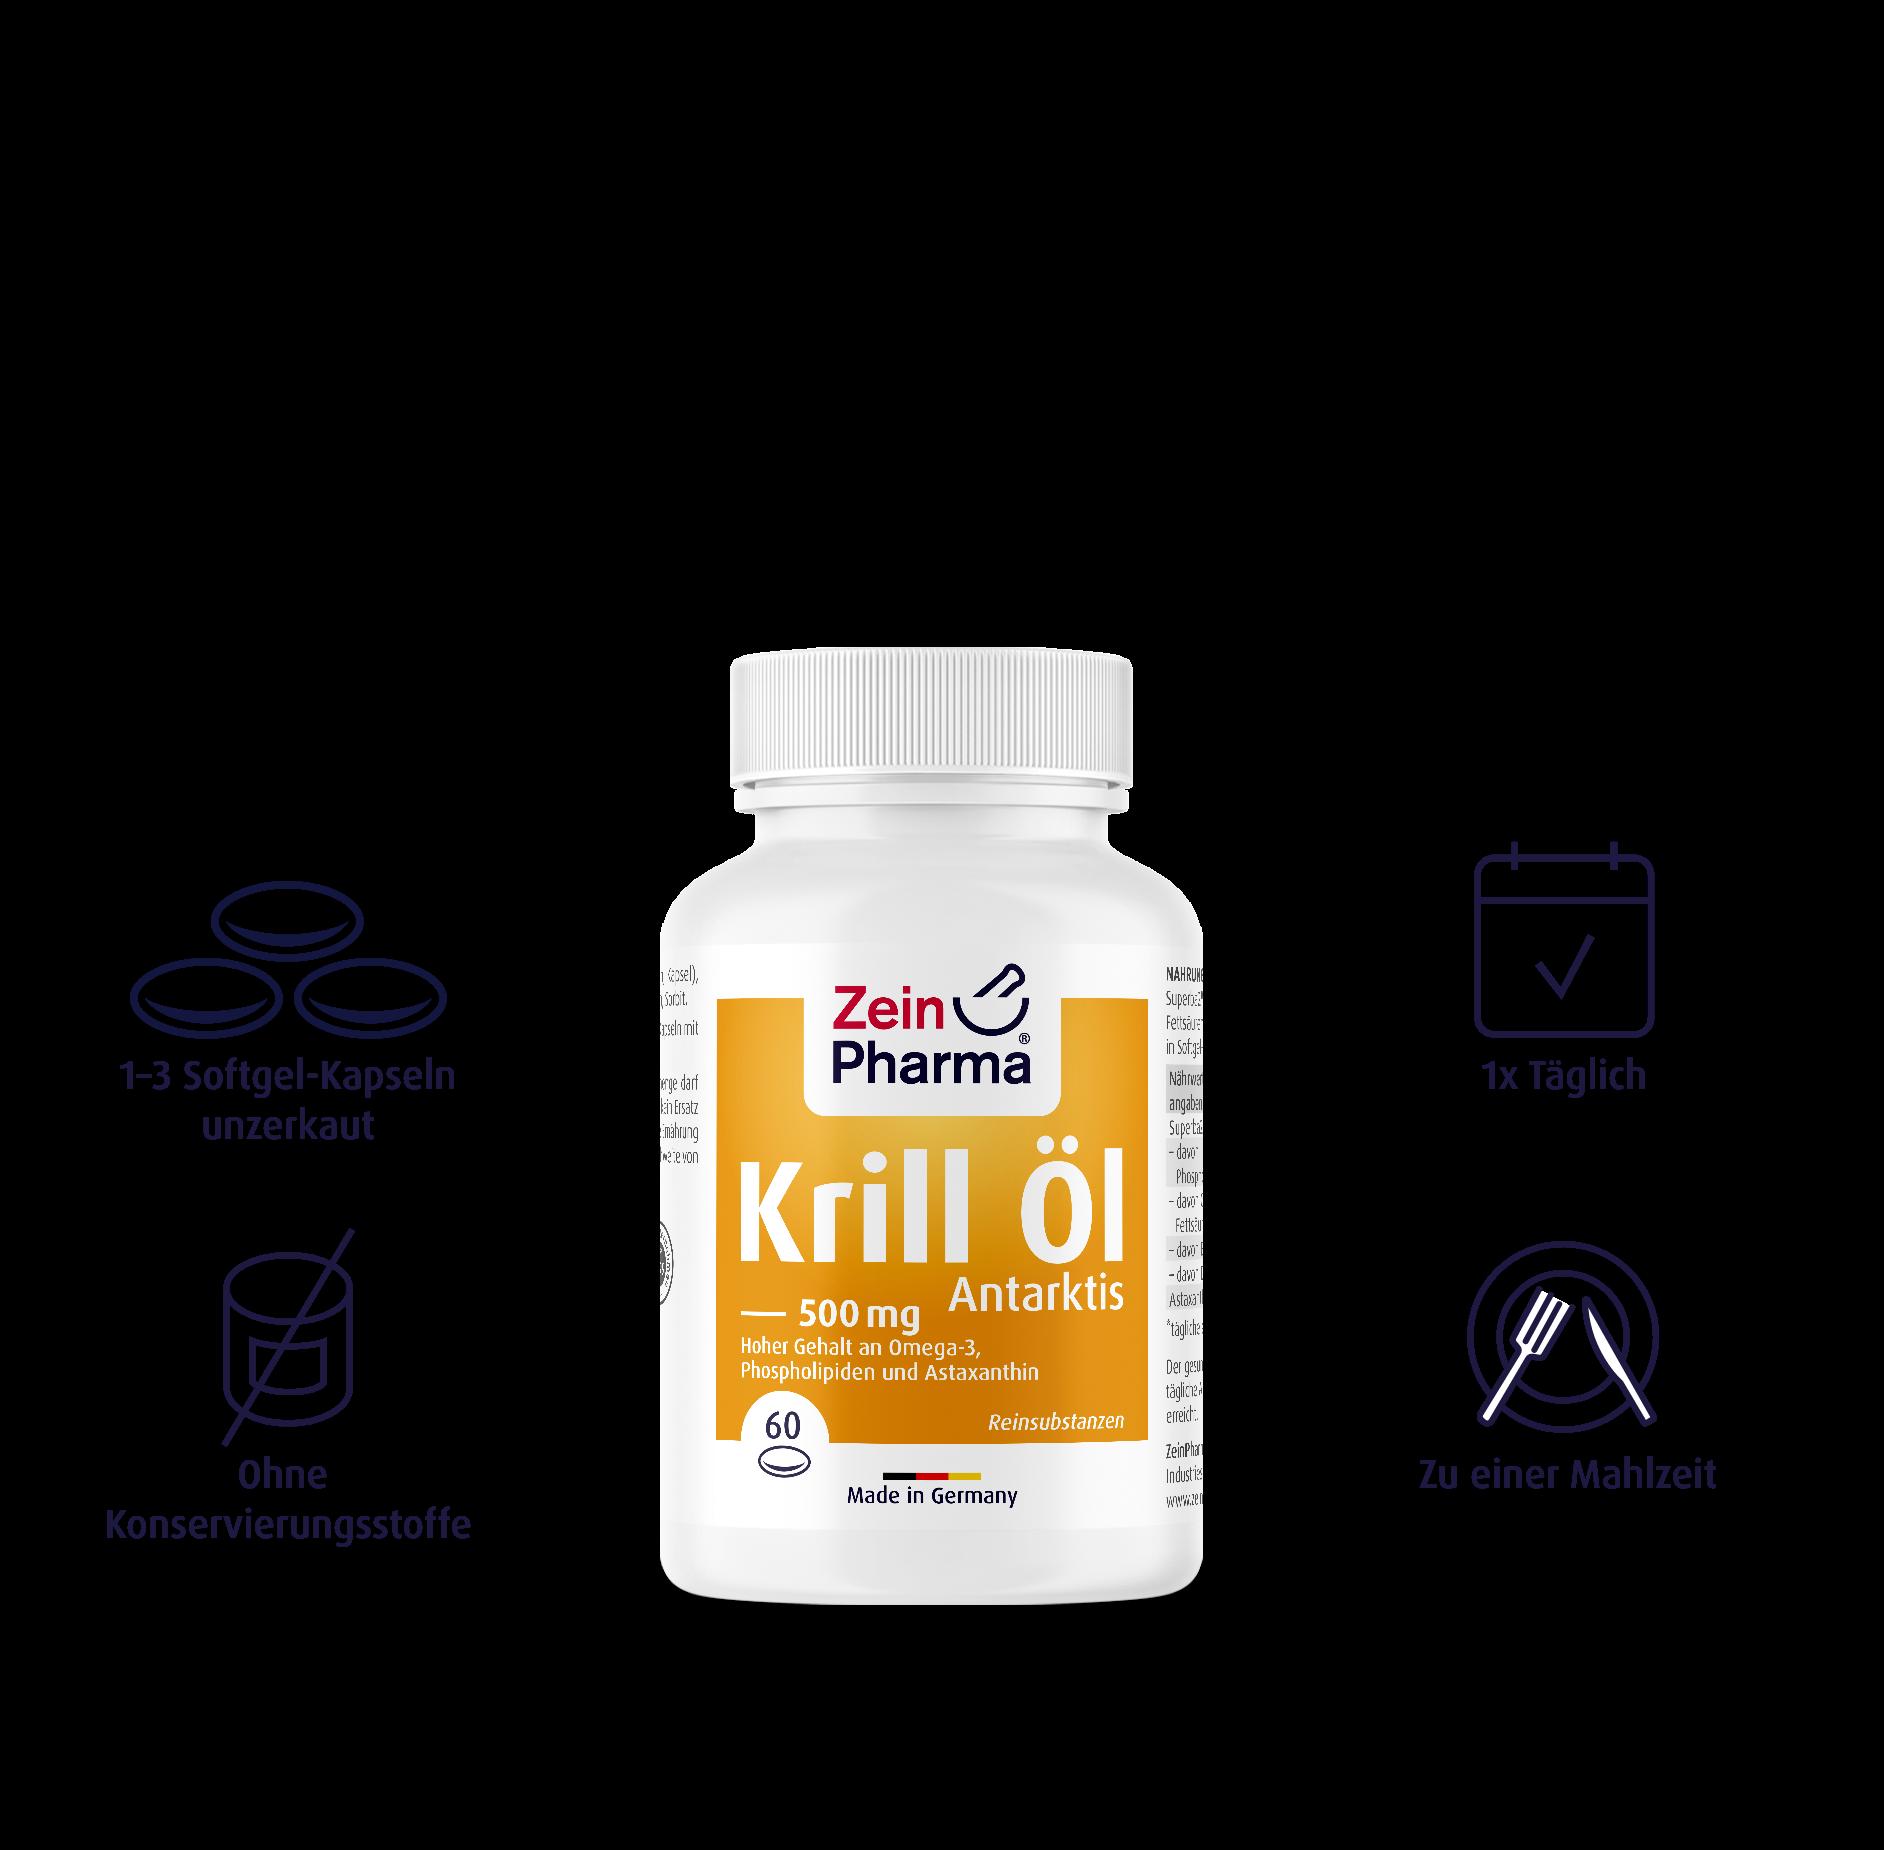 Krill Öl Antarktis Softgel-Kapseln 500 mg